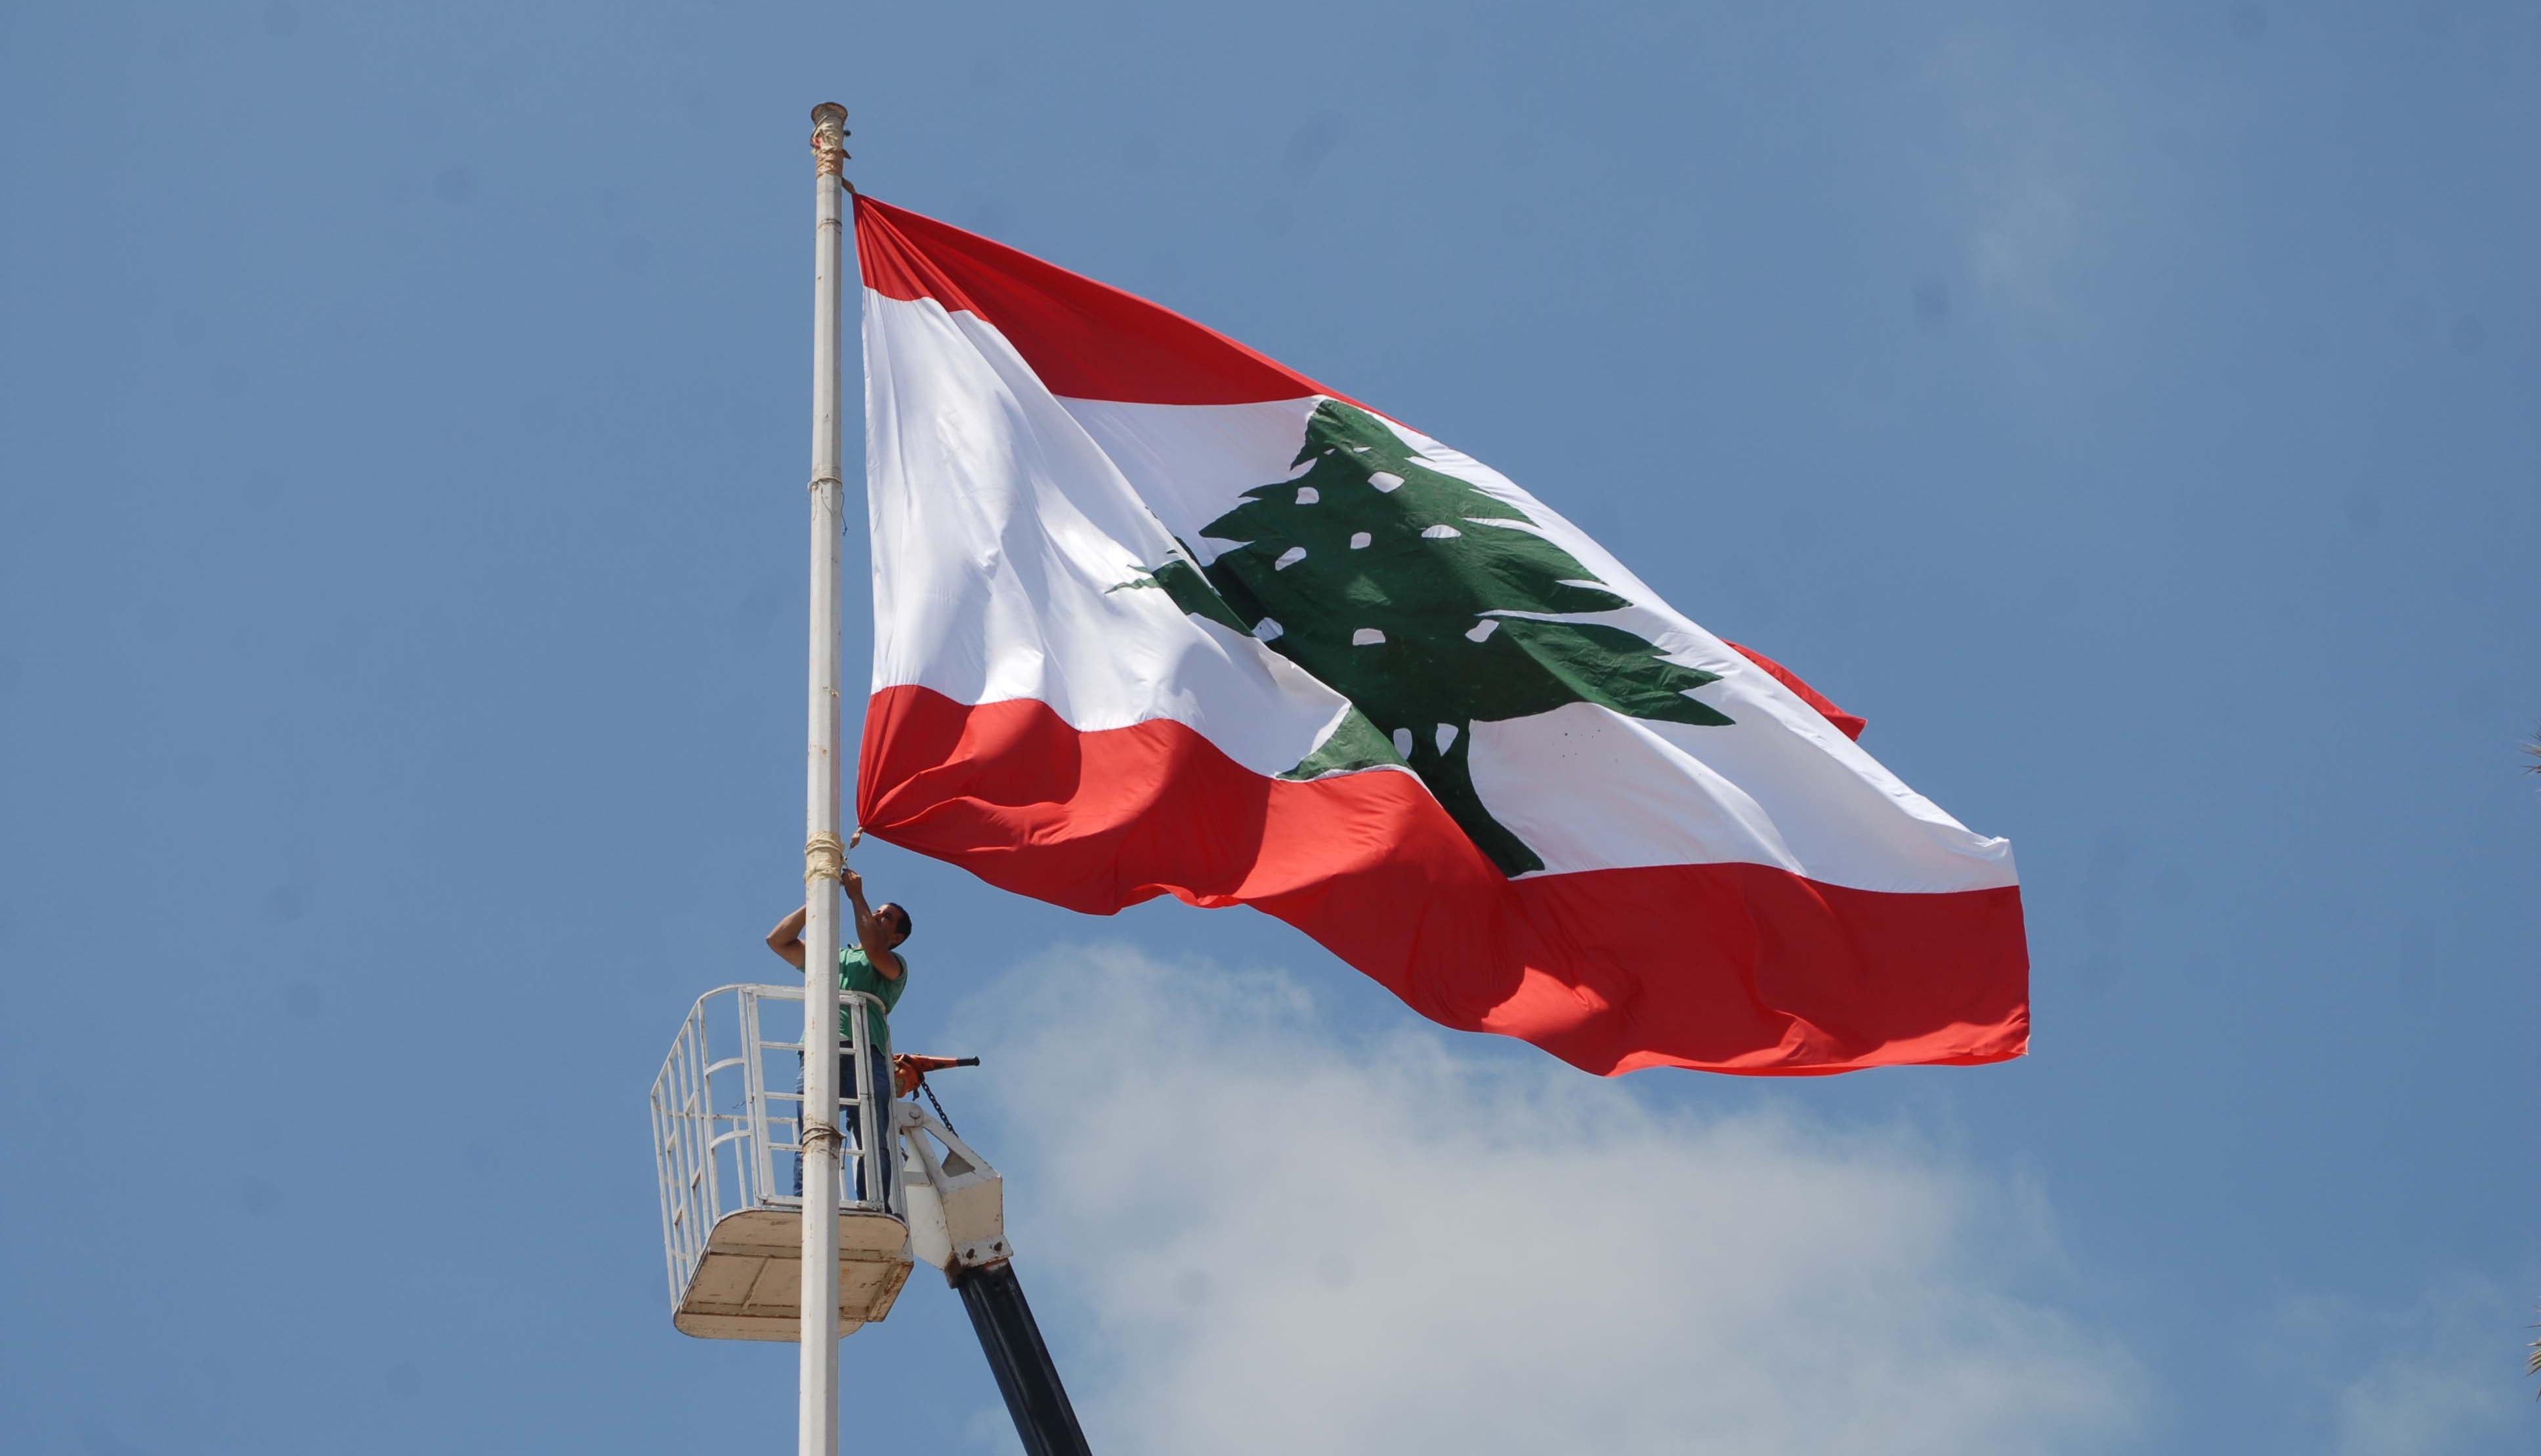 معلومات عن لبنان.. دولة بدون صحراء تضم تركيبة طائفية معقدة